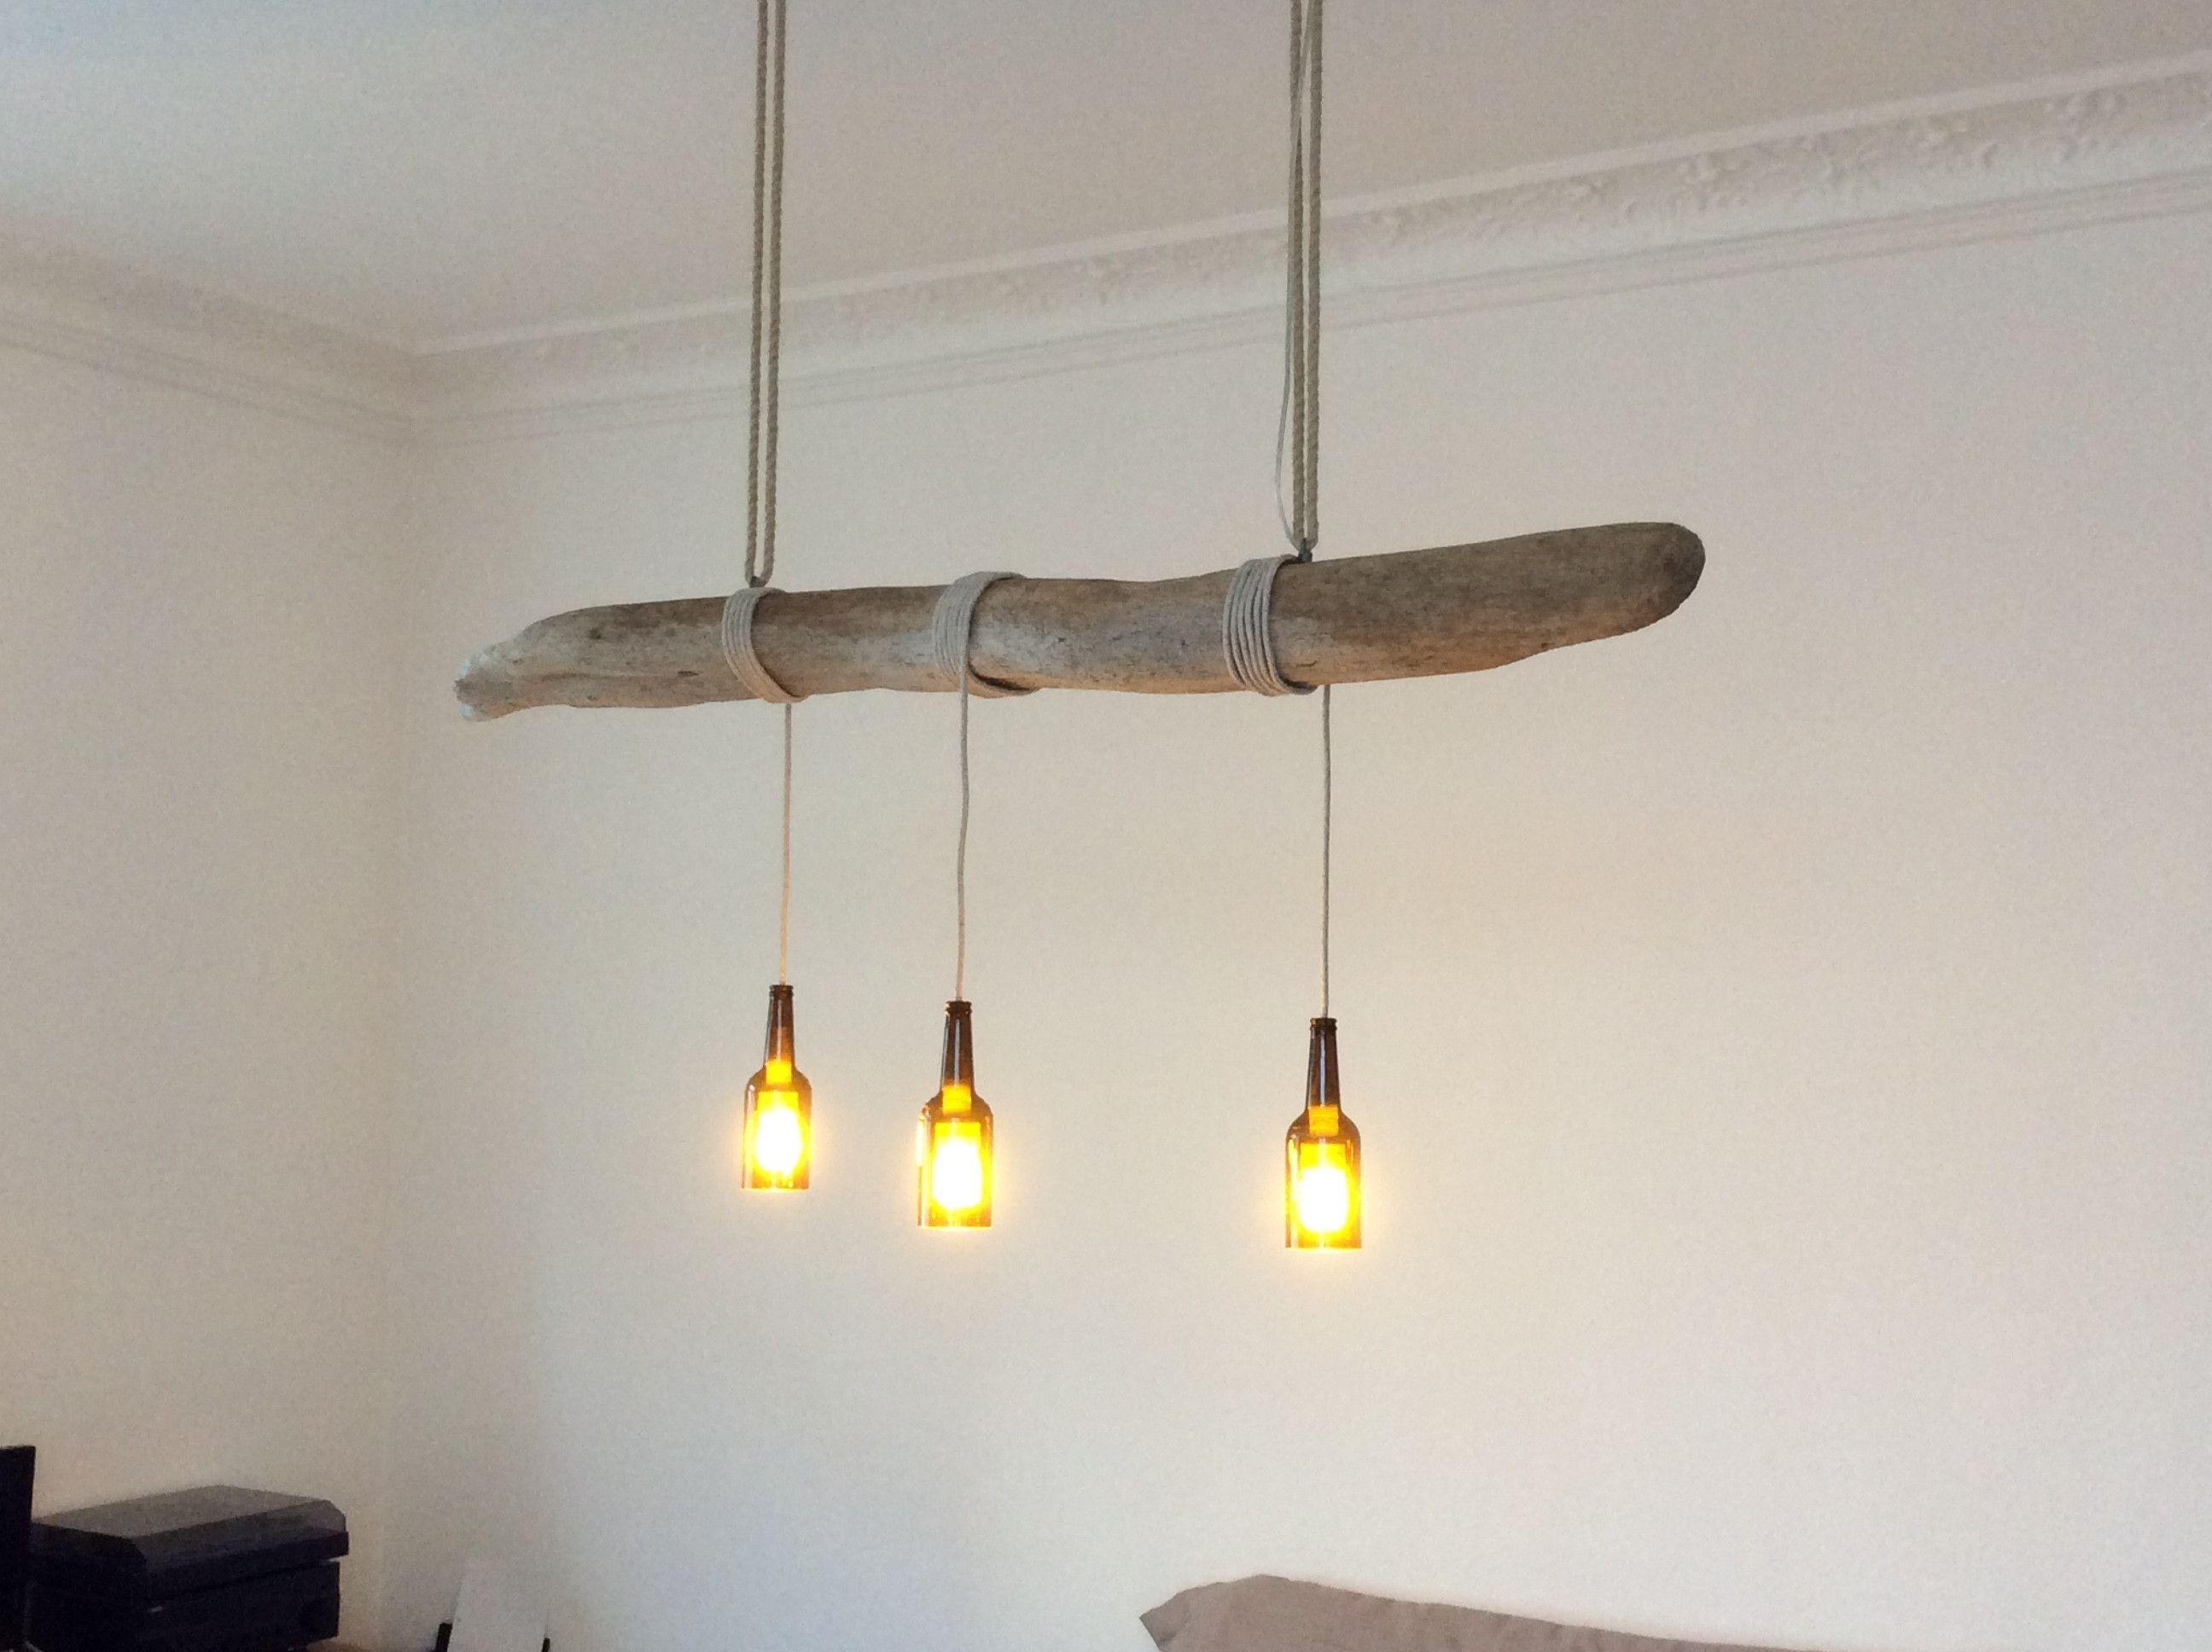 9 Elegant Lager Von Roller Wohnzimmer Lampe  Deckenlampe holz